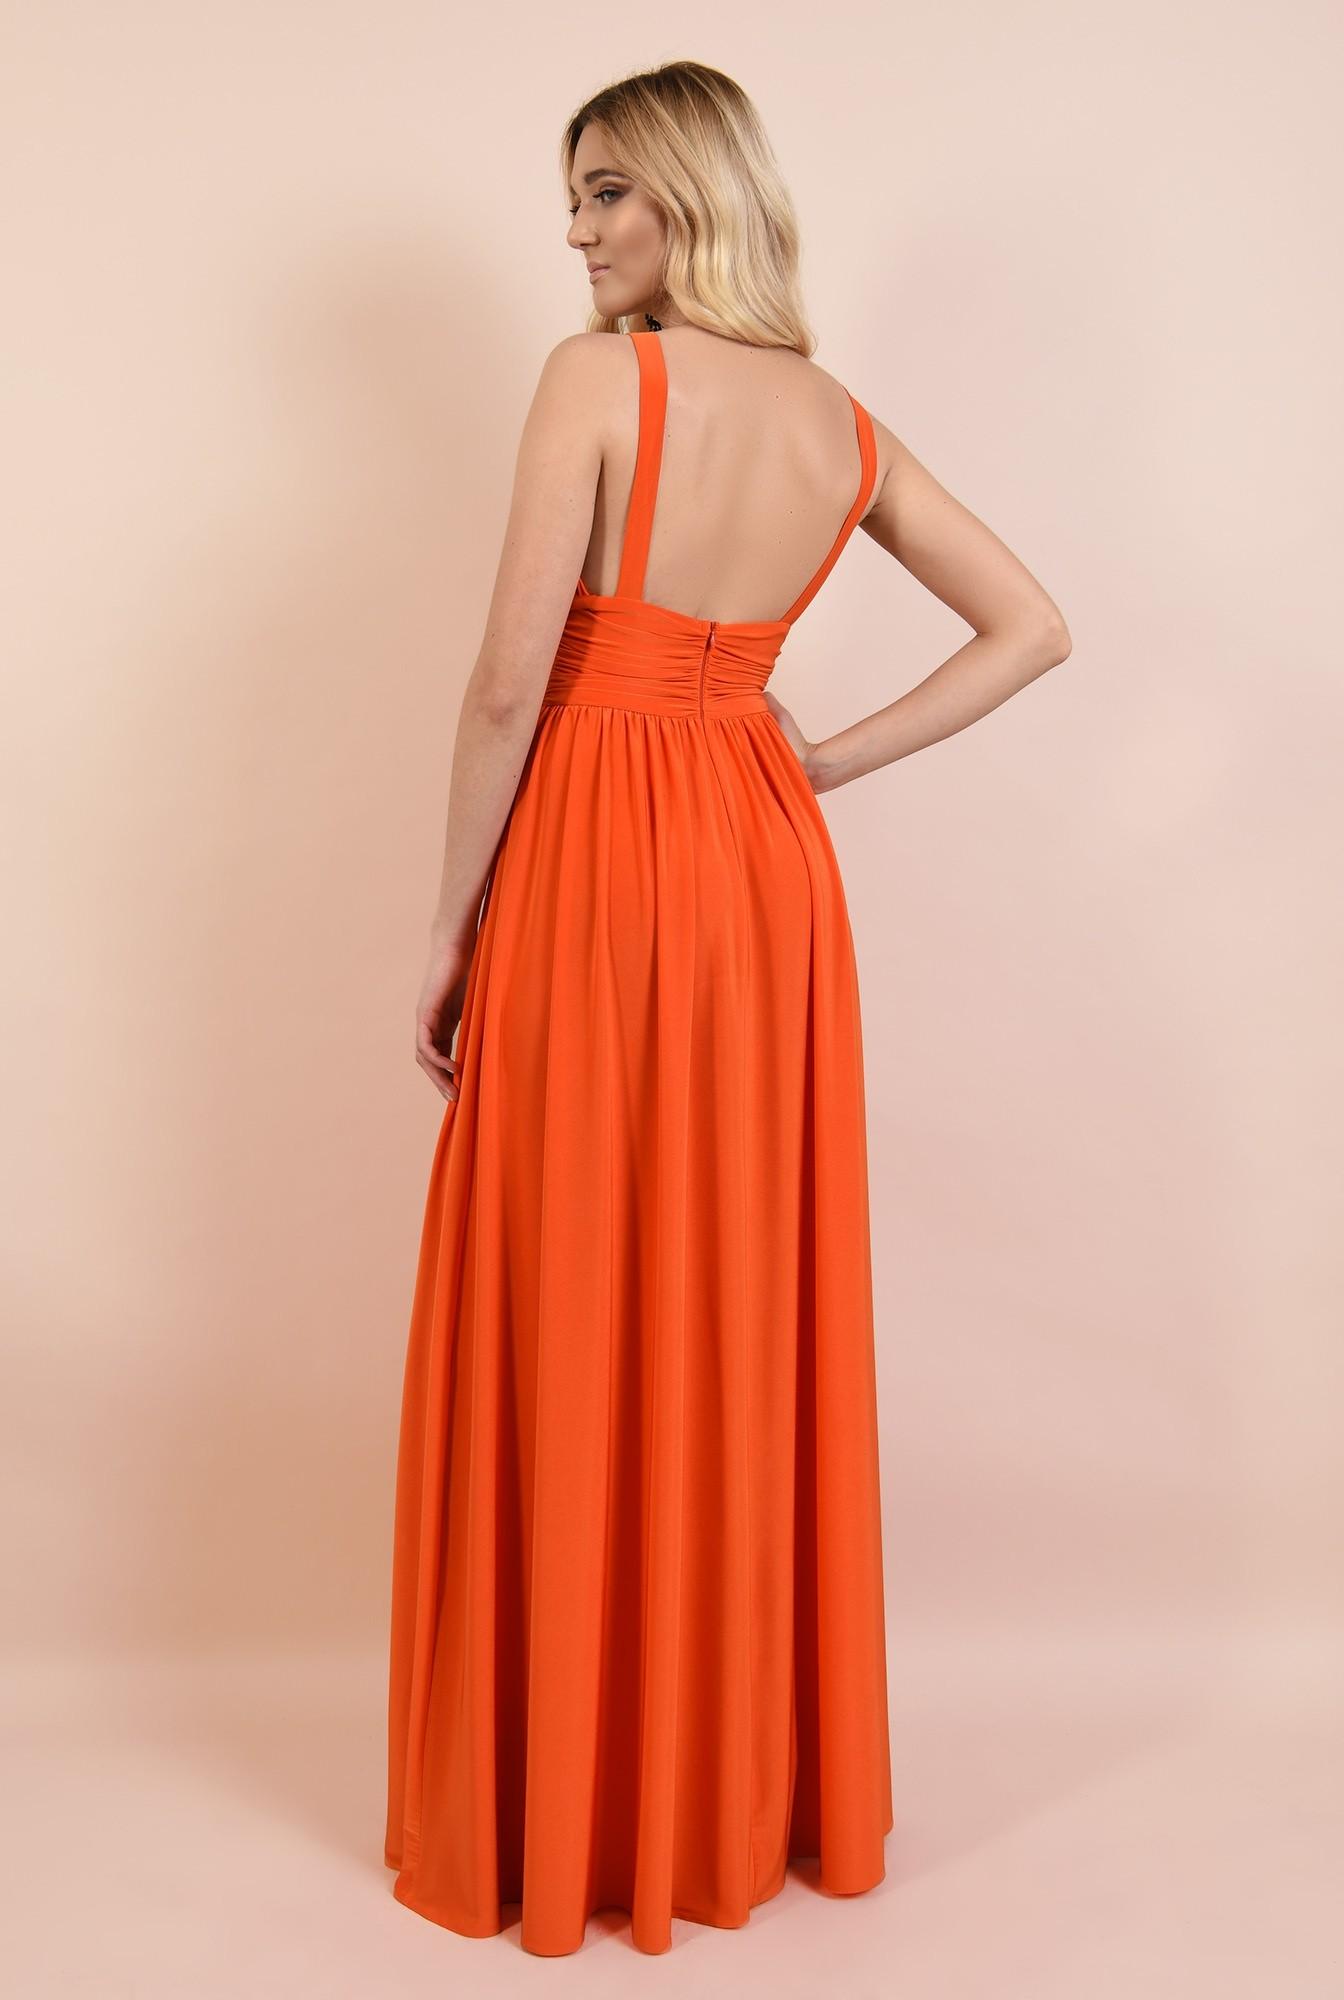 1 - rochie eleganta, cu decolteu adanc, spate dezgolit, bretele, clos, corai